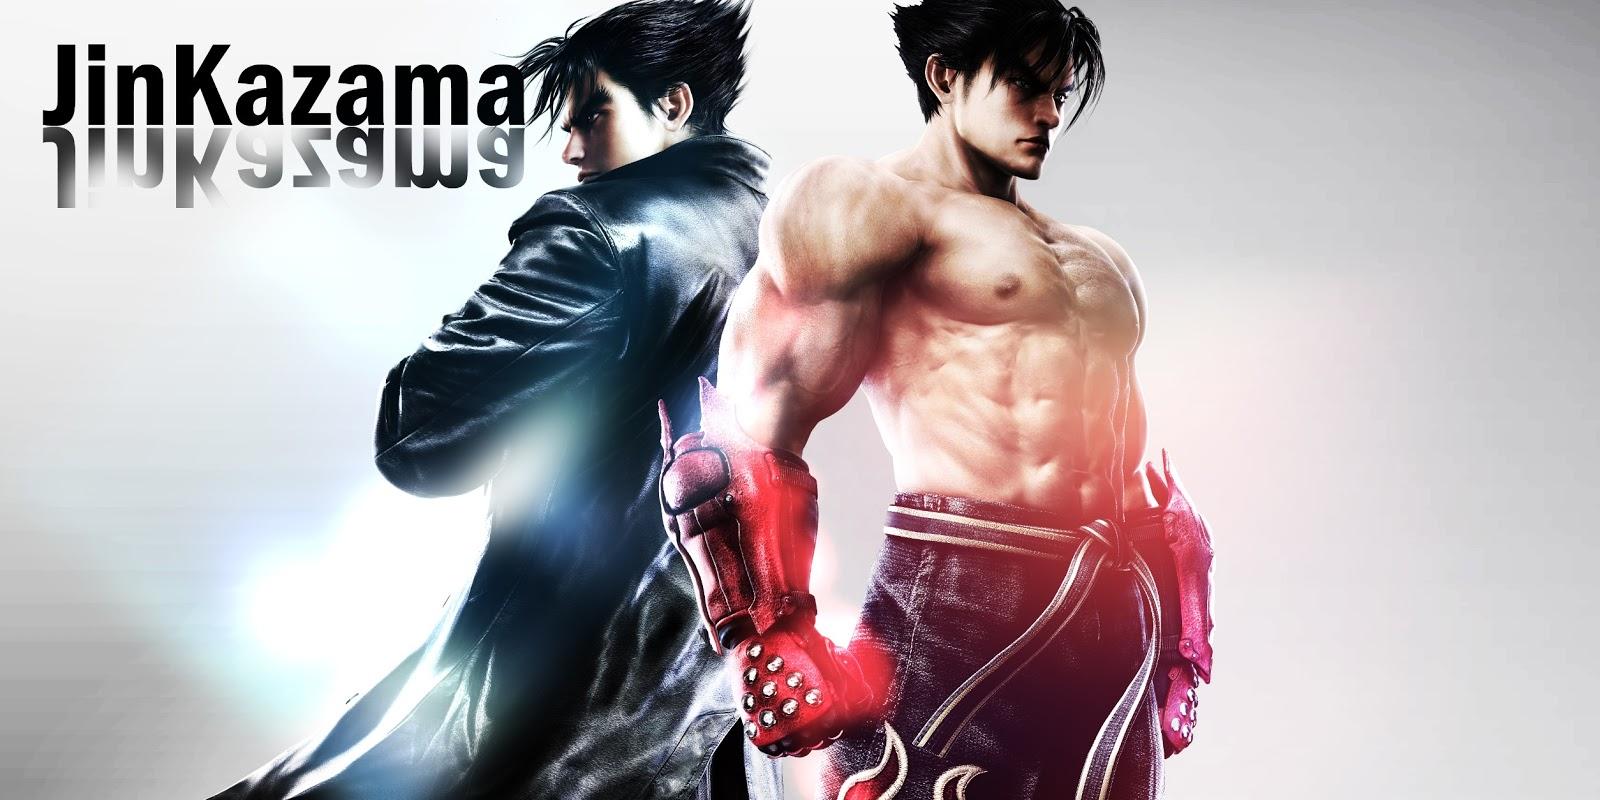 Tekken Game HD Wallpapers